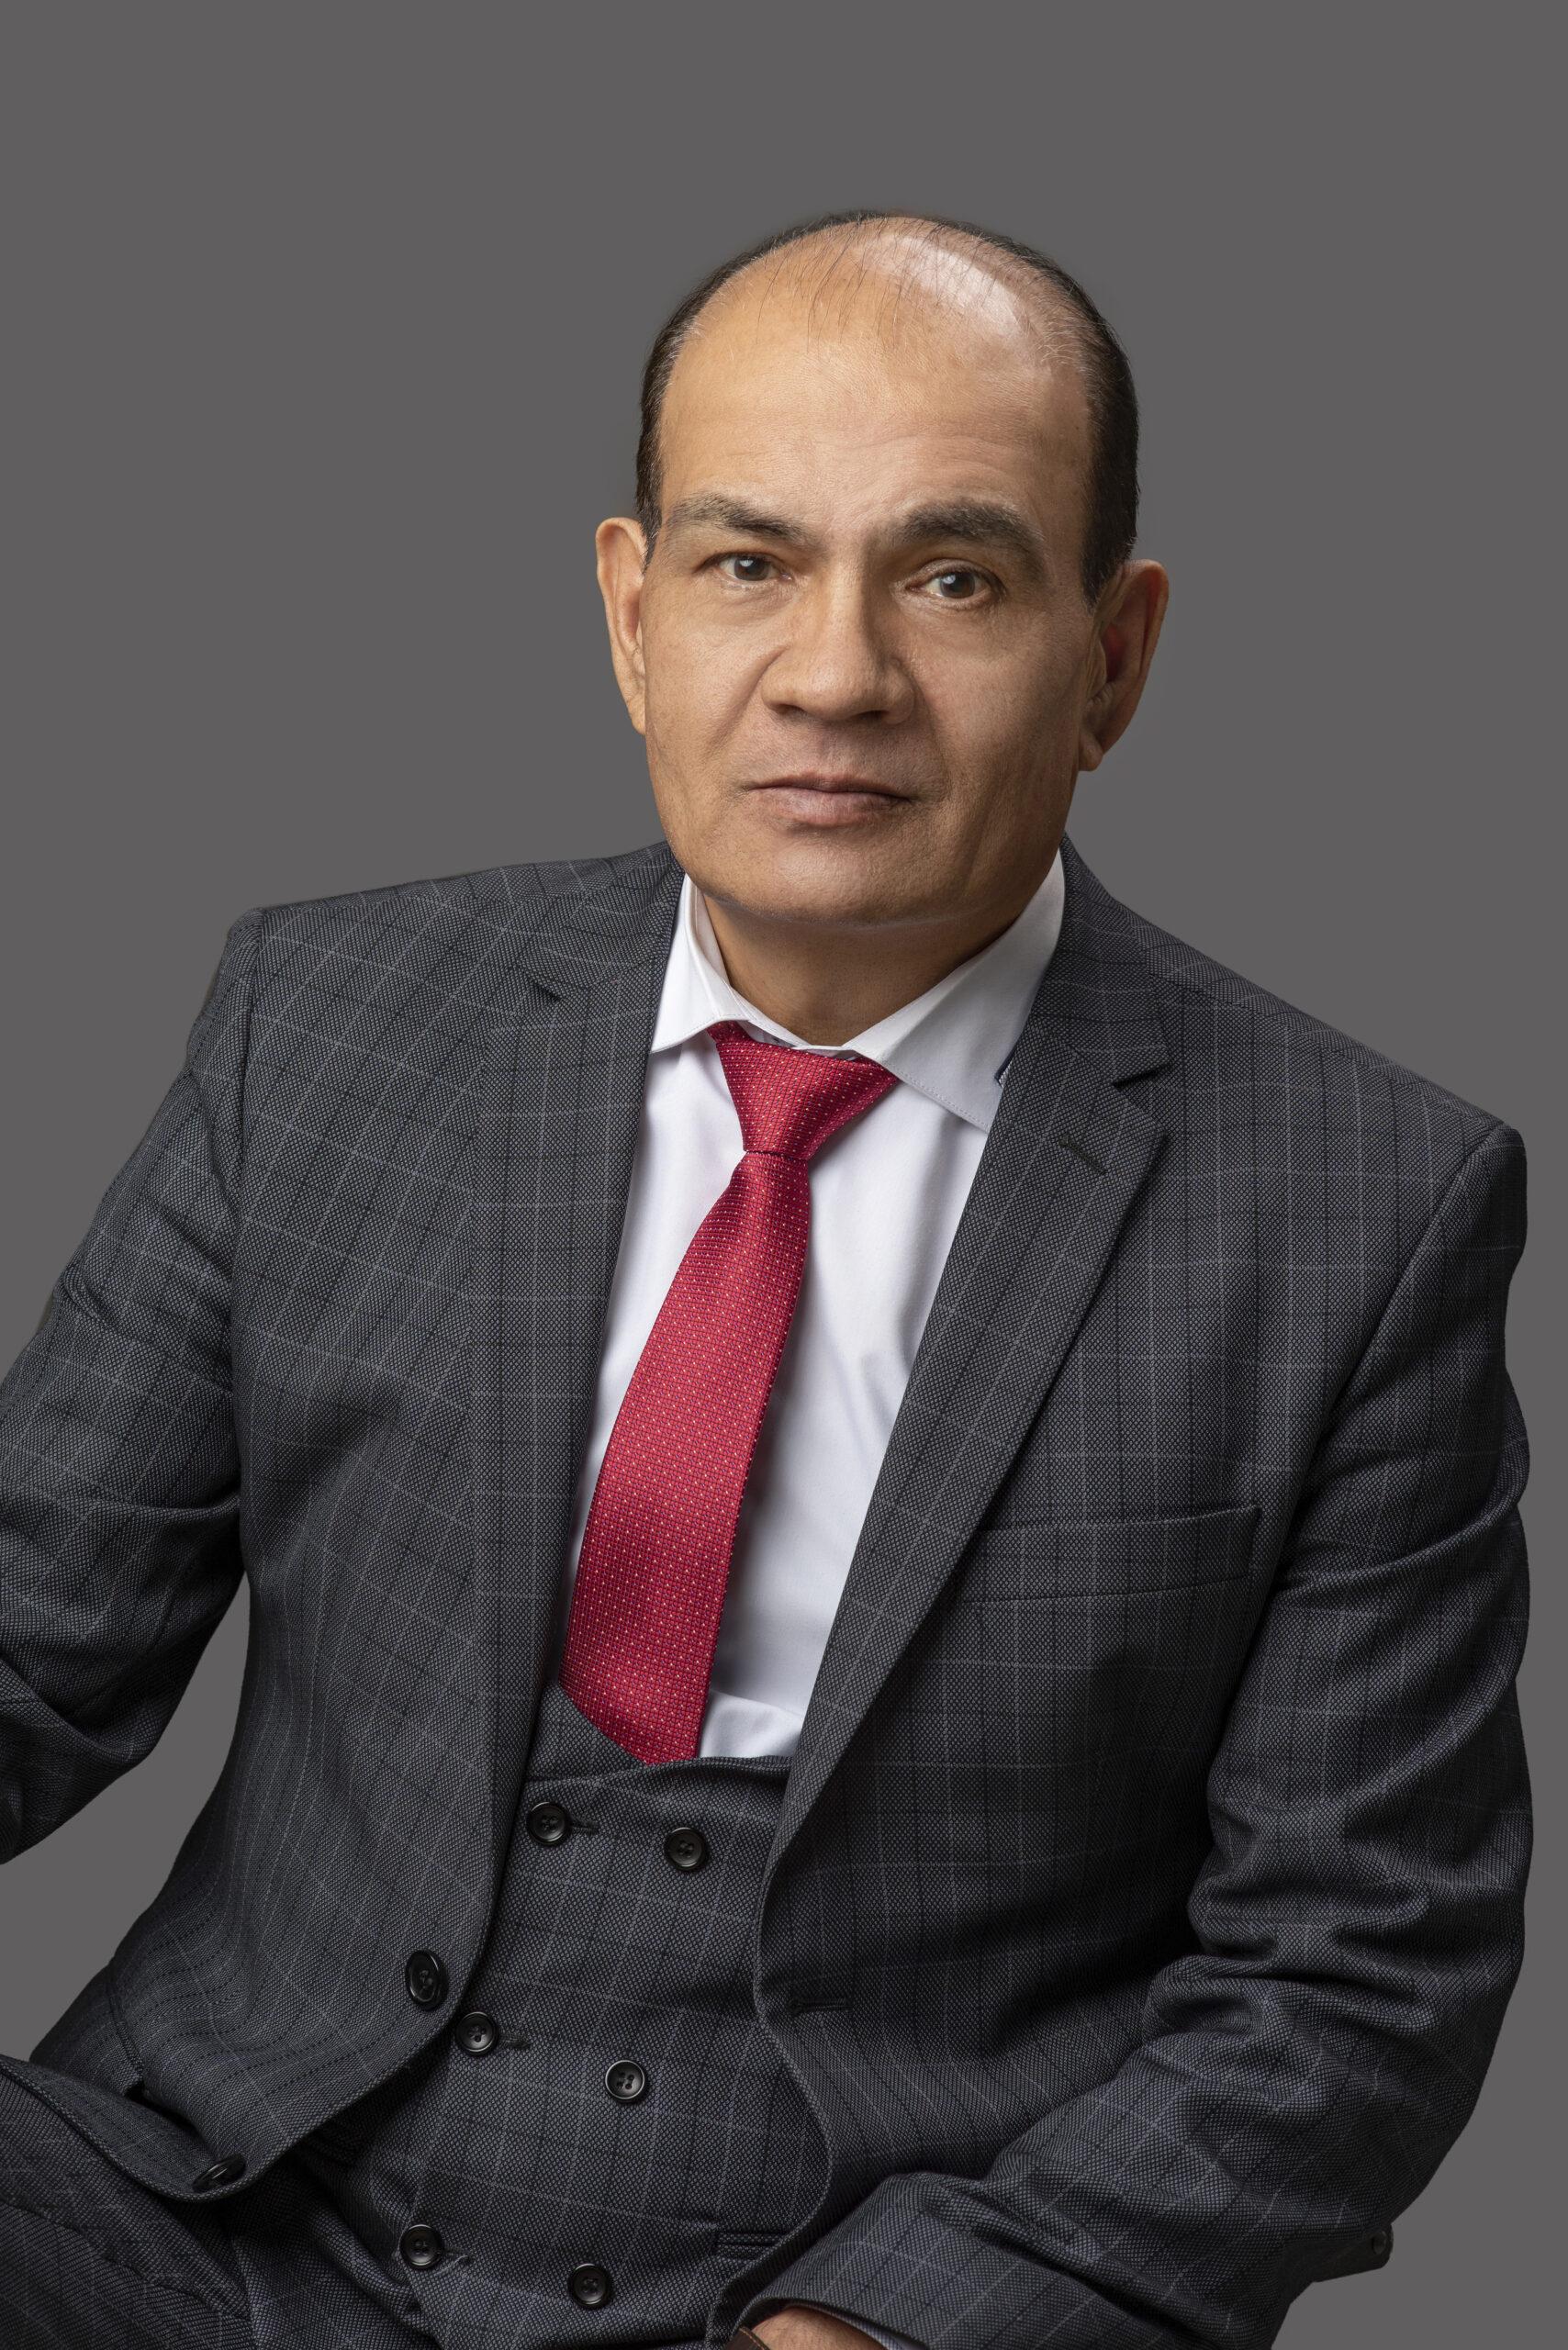 Зам. директора по концертной части — Габдулянов Рифкат Хакимьянович